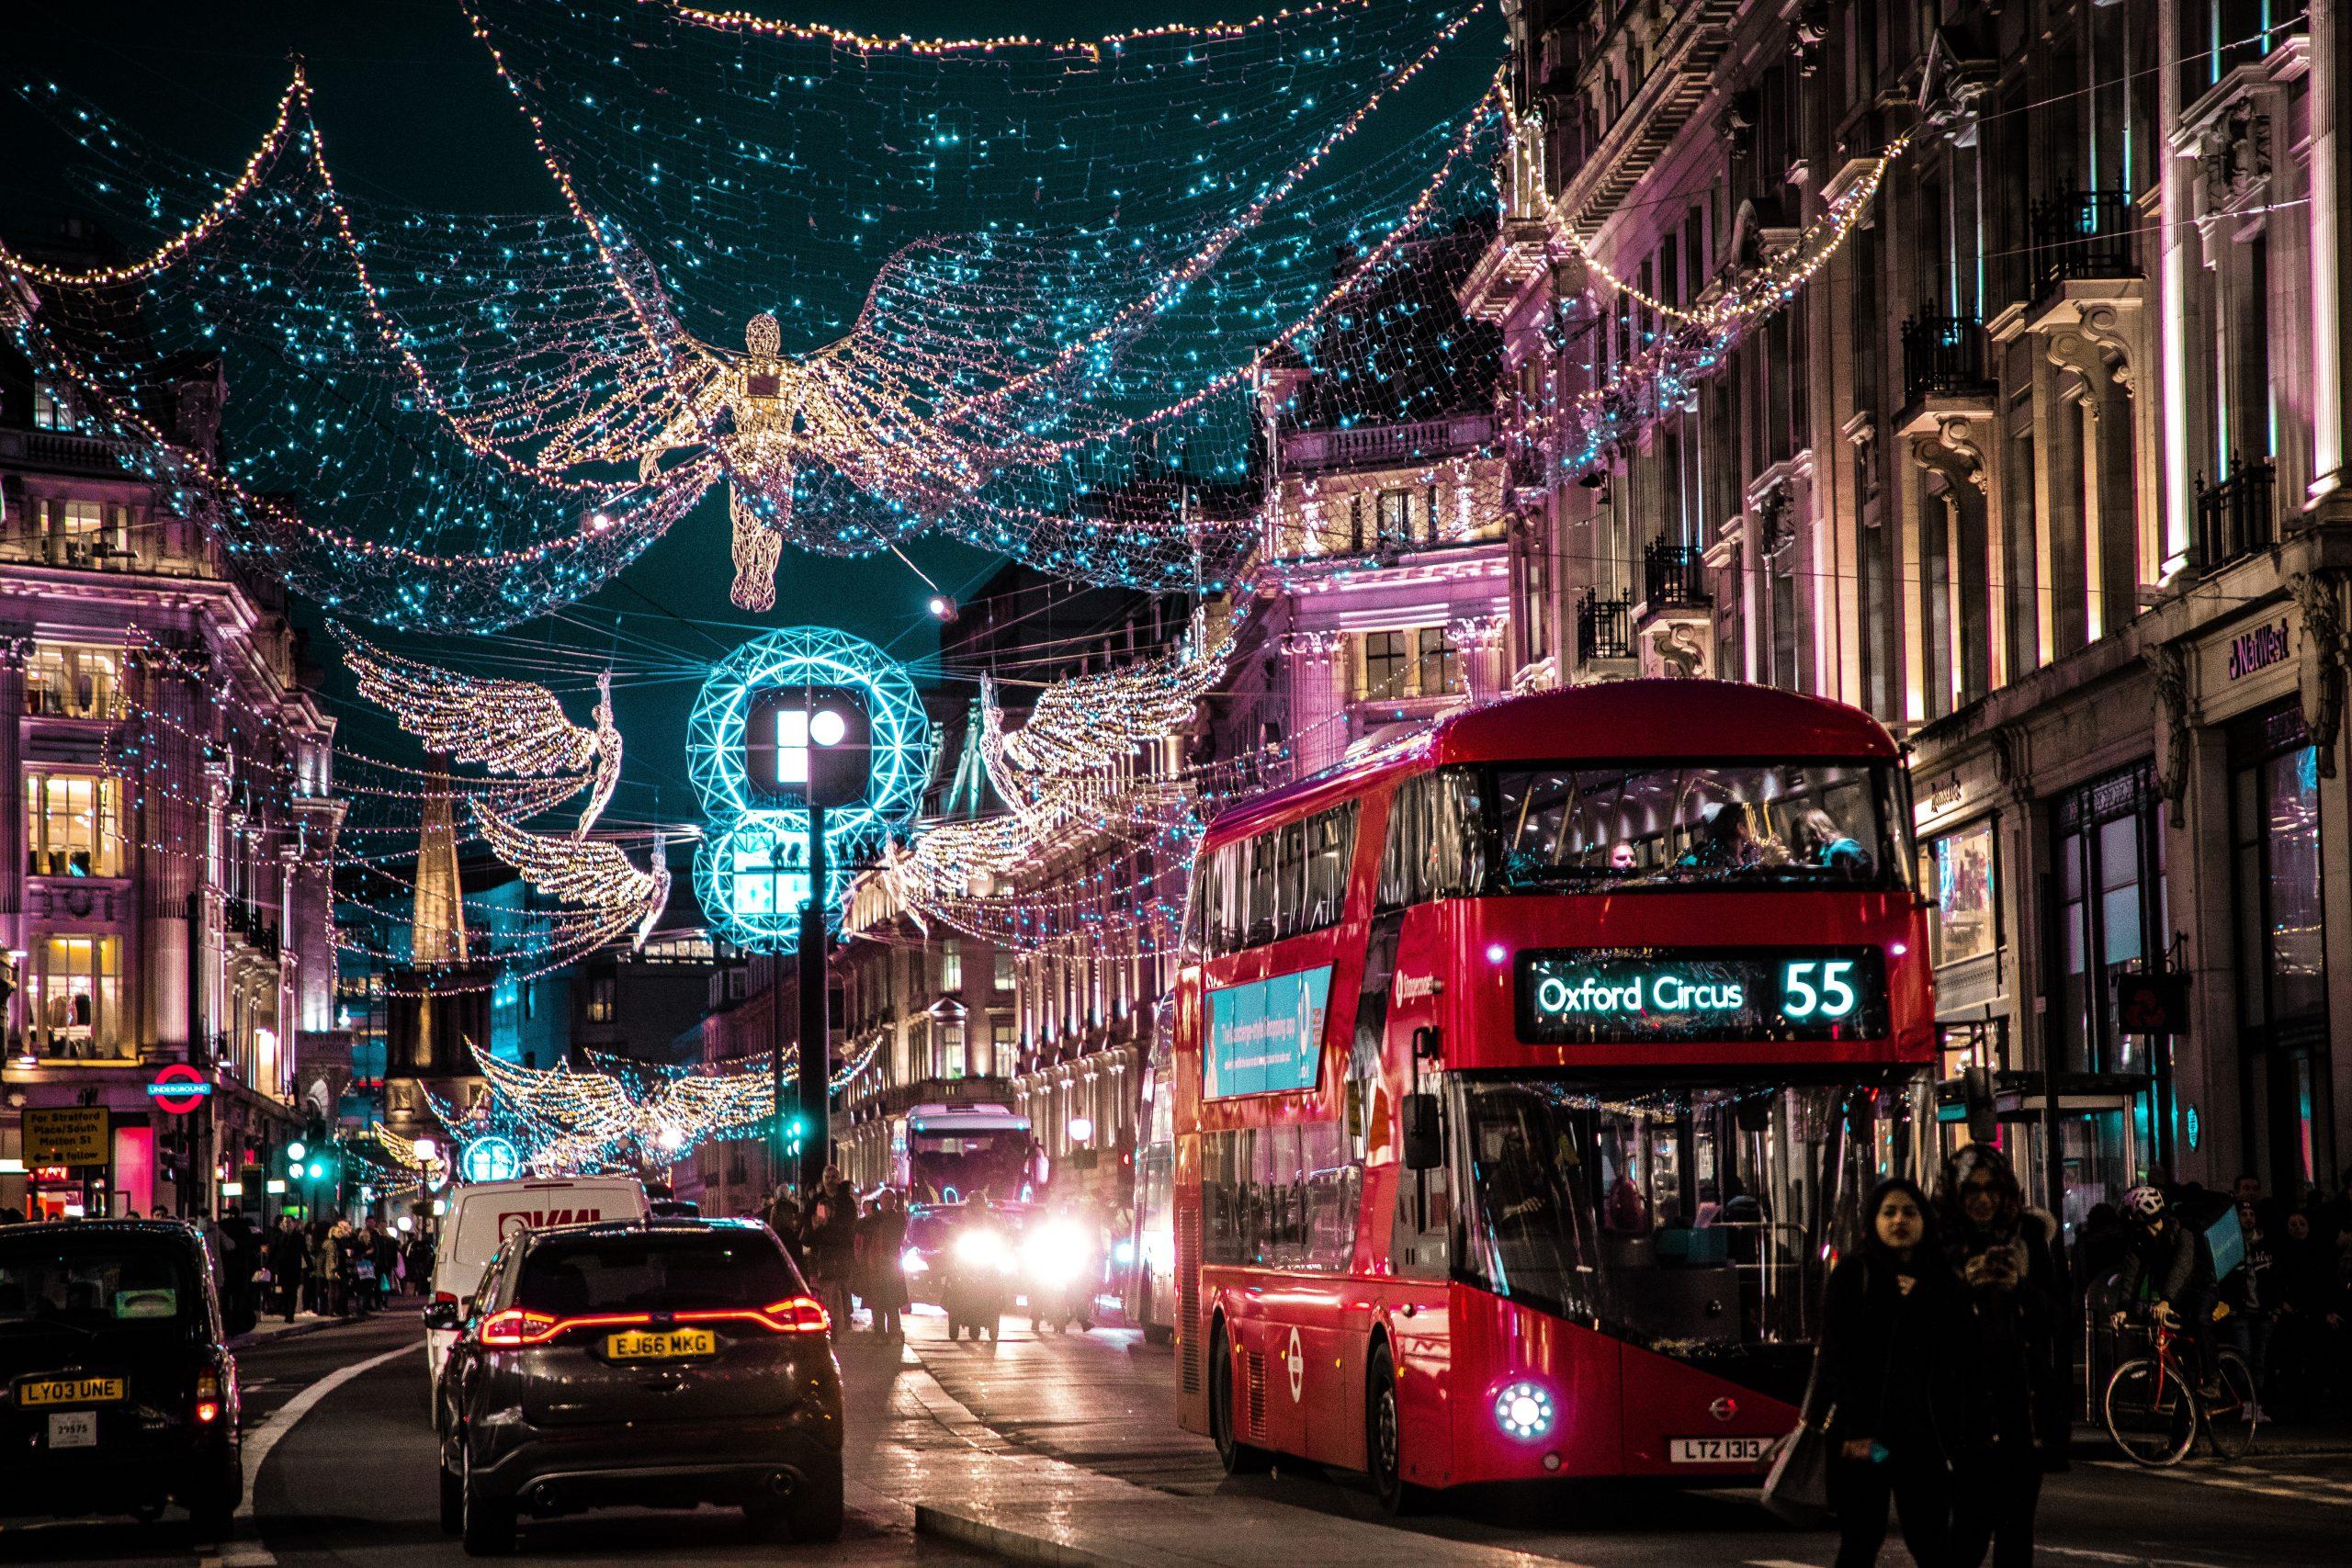 Χριστούγεννα στο Λονδίνο. Δεν είναι κλισέ, είναι must